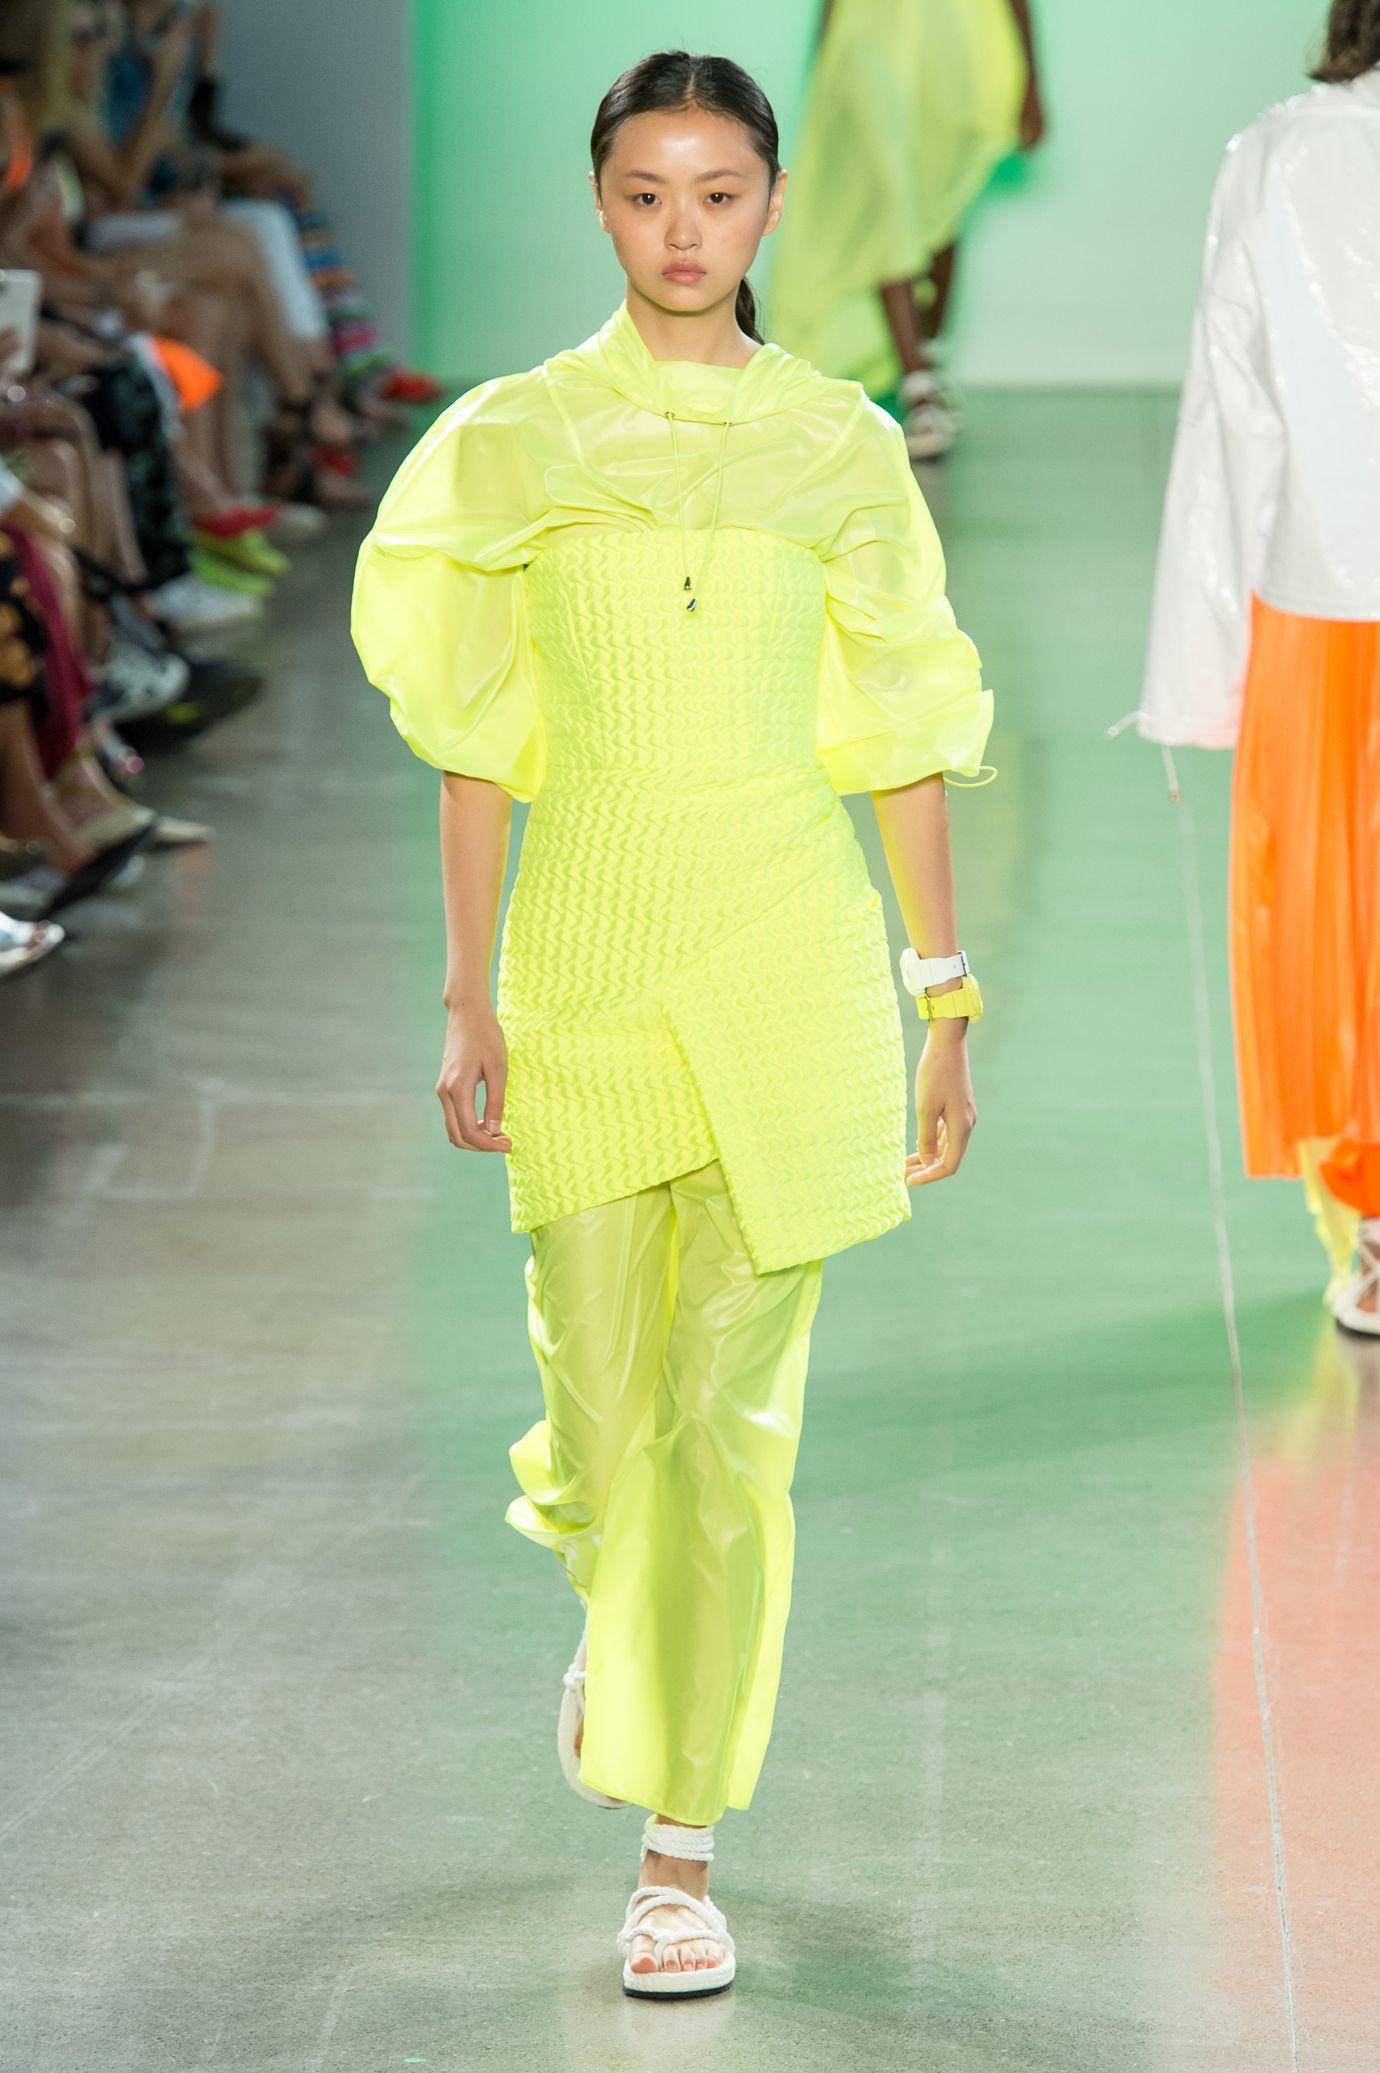 Vestiti e abiti in giallo, è questo il mantra colore per la prossima  primavera estate